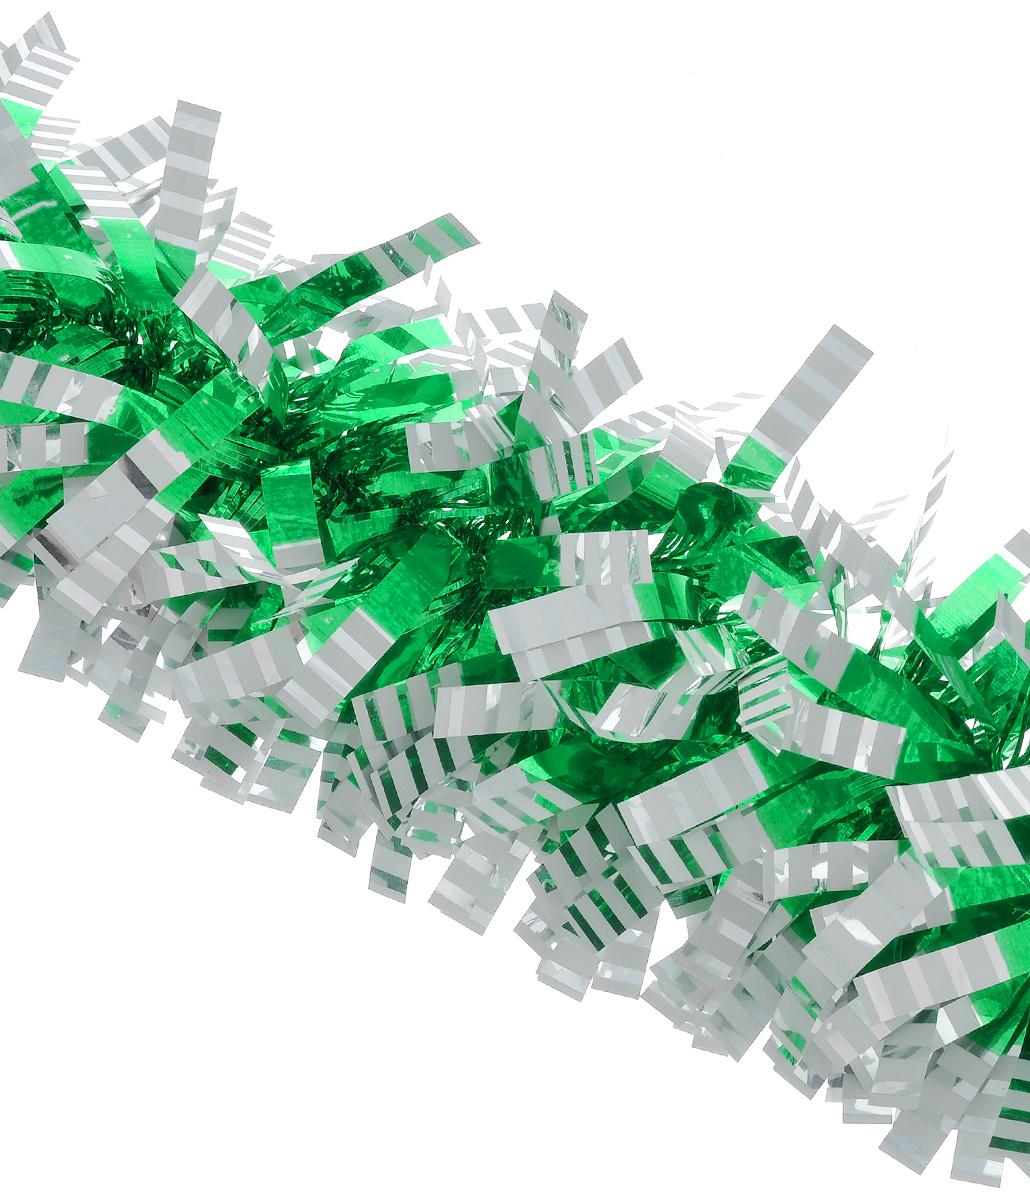 Мишура новогодняя Euro House, цвет: зеленый, диаметр 9 см, длина 200 смЕХ7421_зелёныйНовогодняя мишура Euro House, выполненная из полиэстера, поможет вам украсить свой дом к предстоящим праздникам. Новогодняя елка с таким украшением станет еще наряднее. Мишура армирована, то есть имеет проволоку внутри и способна сохранять придаваемую ей форму. Новогодней мишурой можно украсить все, что угодно - елку, квартиру, дачу, офис - как внутри, так и снаружи. Можно сложить новогодние поздравления, буквы и цифры, мишурой можно украсить и дополнить гирлянды, можно выделить дверные колонны, оплести дверные проемы.